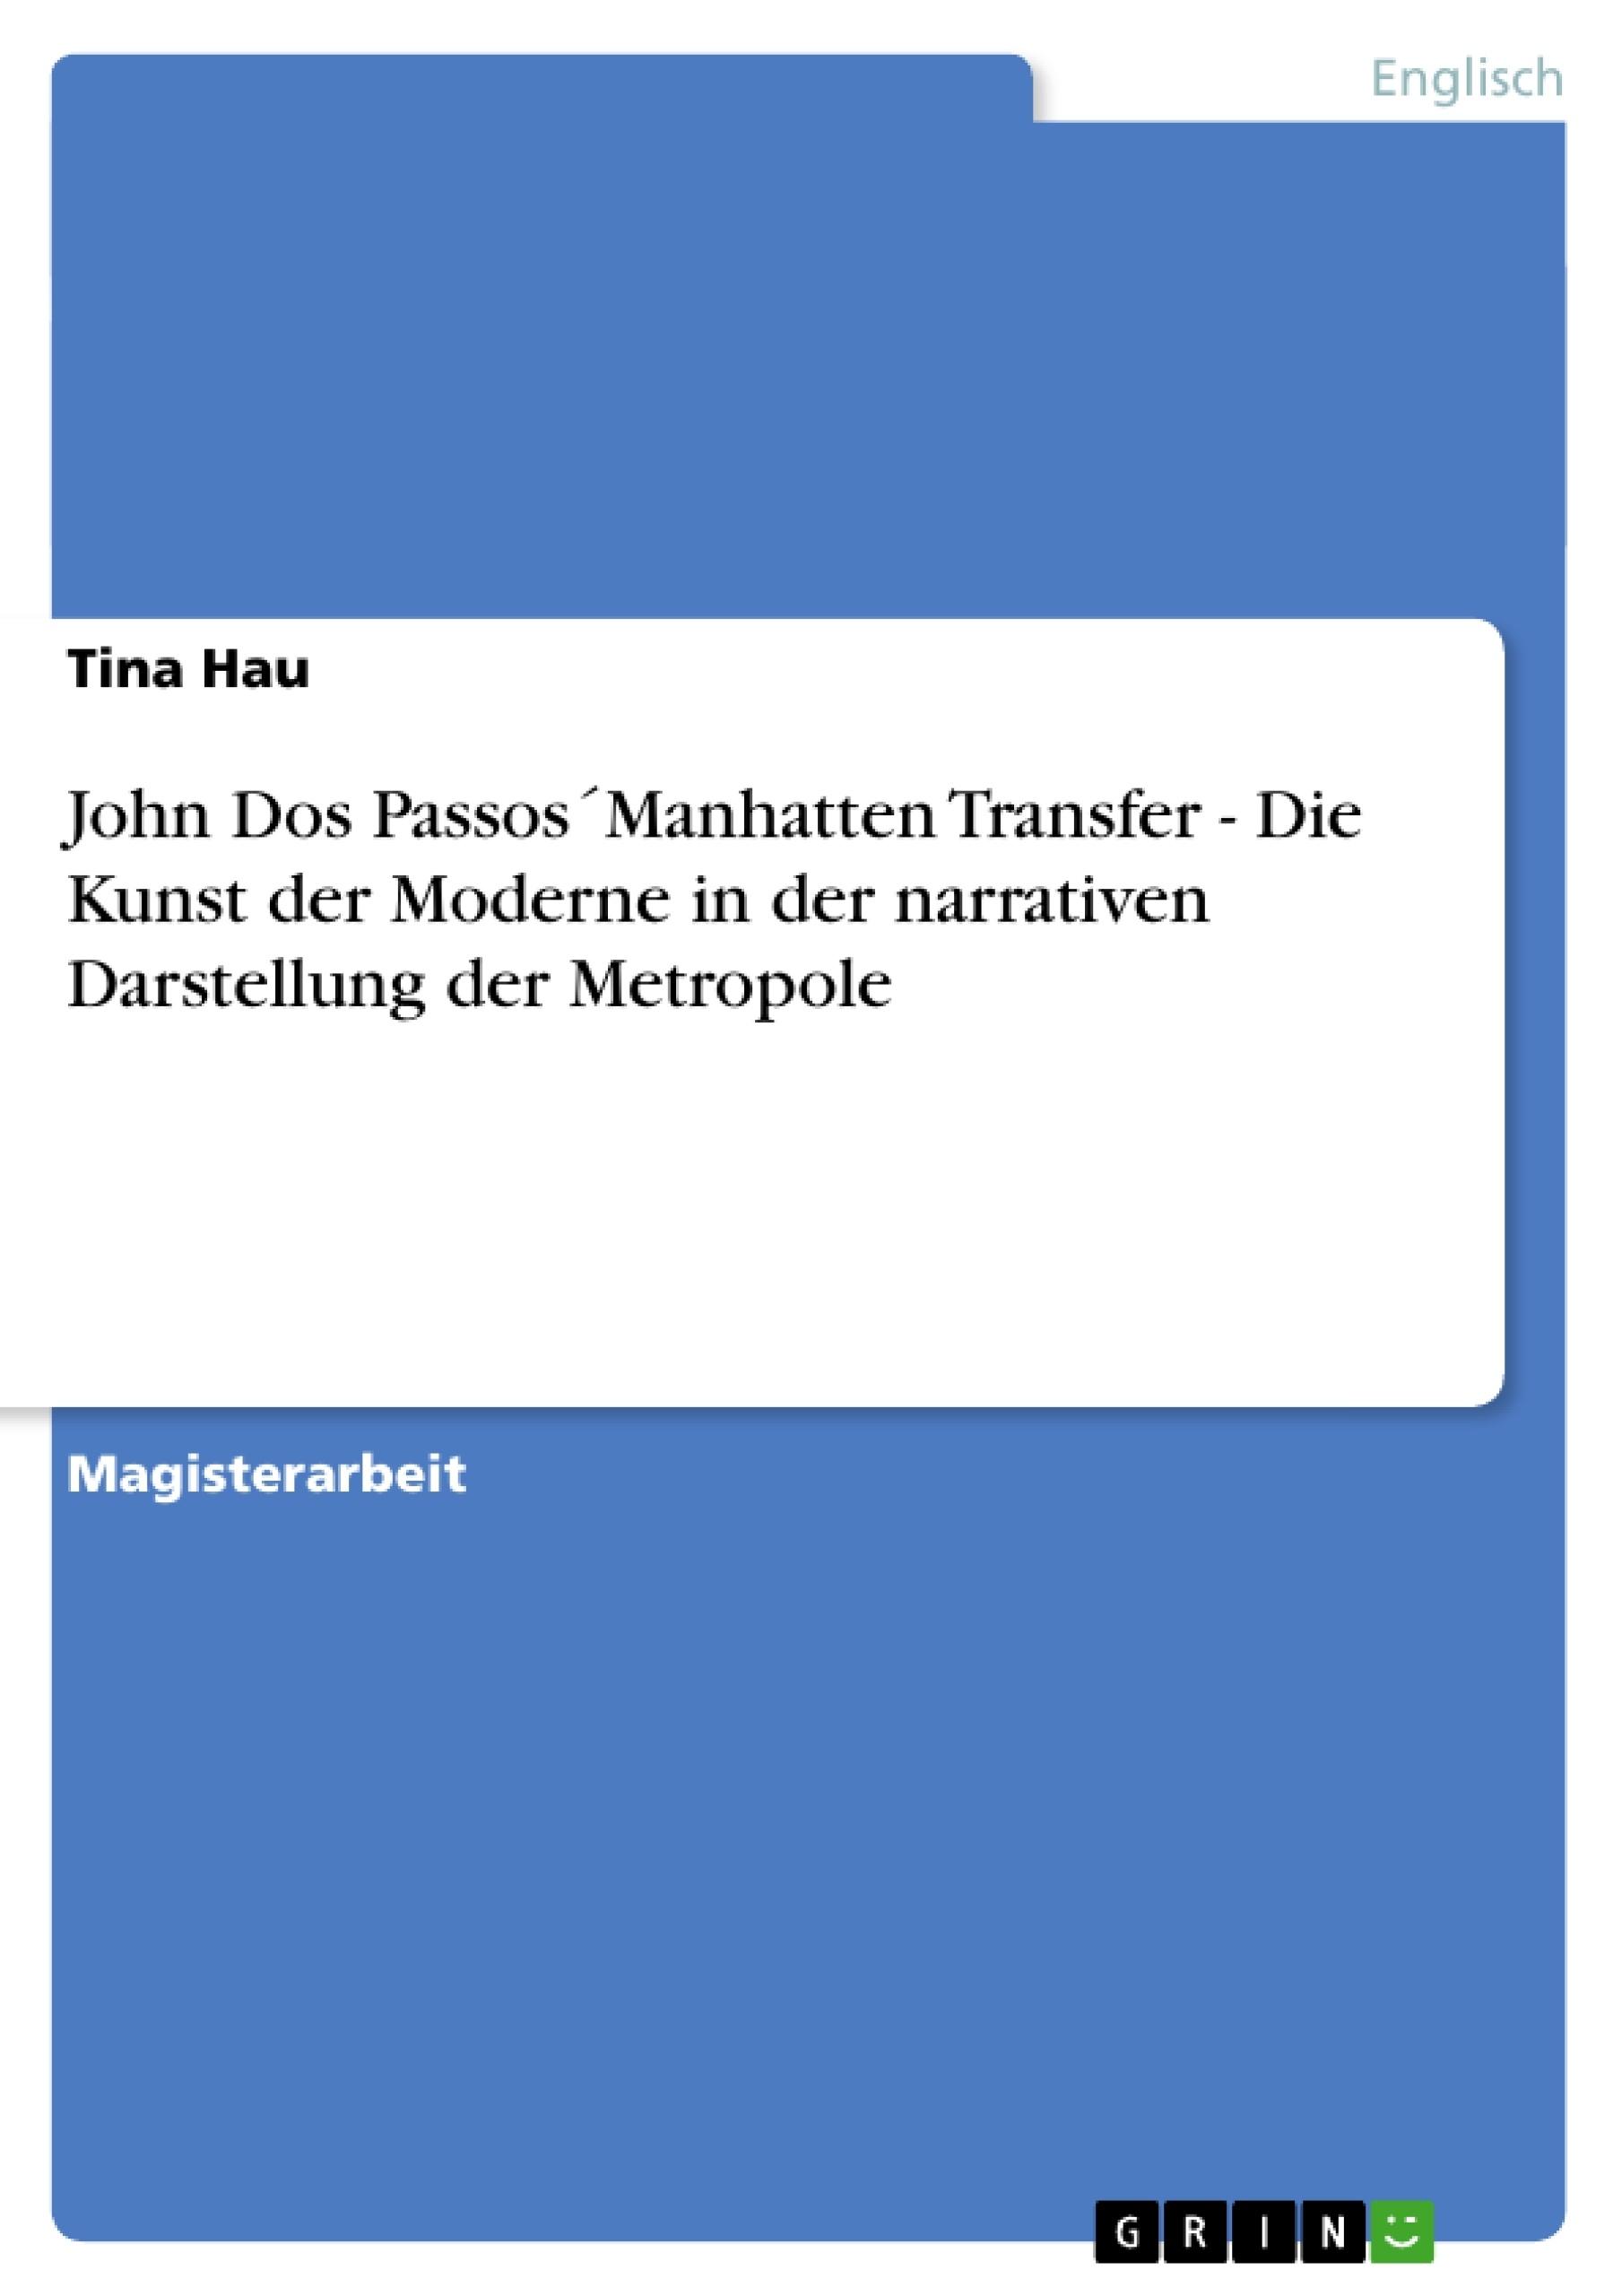 Titel: John Dos Passos´Manhatten Transfer - Die Kunst der Moderne in der narrativen Darstellung der Metropole